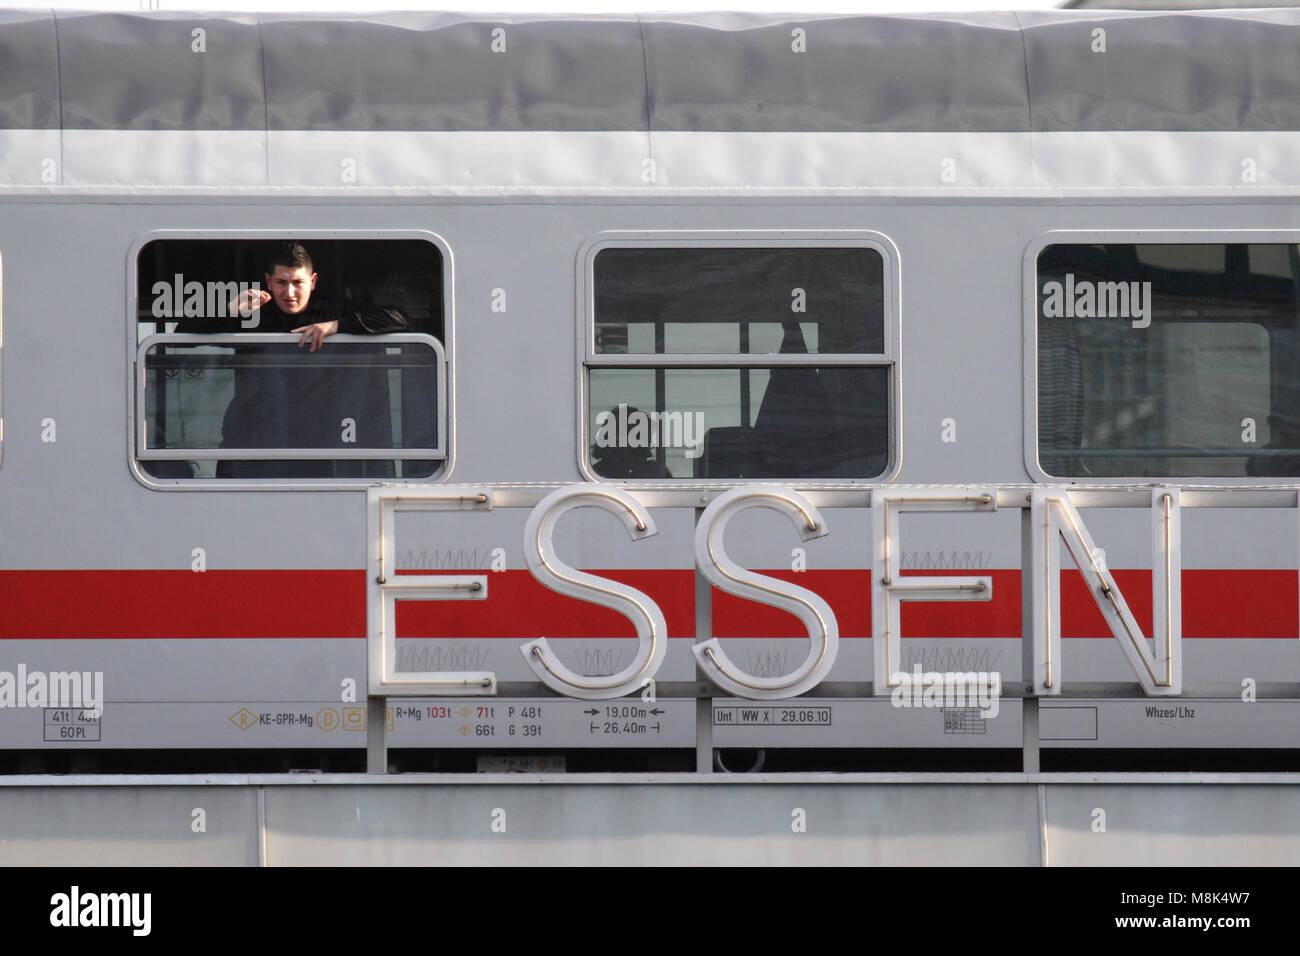 Fenster Essen bahn in essen deutschland ein mann schaut aus dem fenster direkt